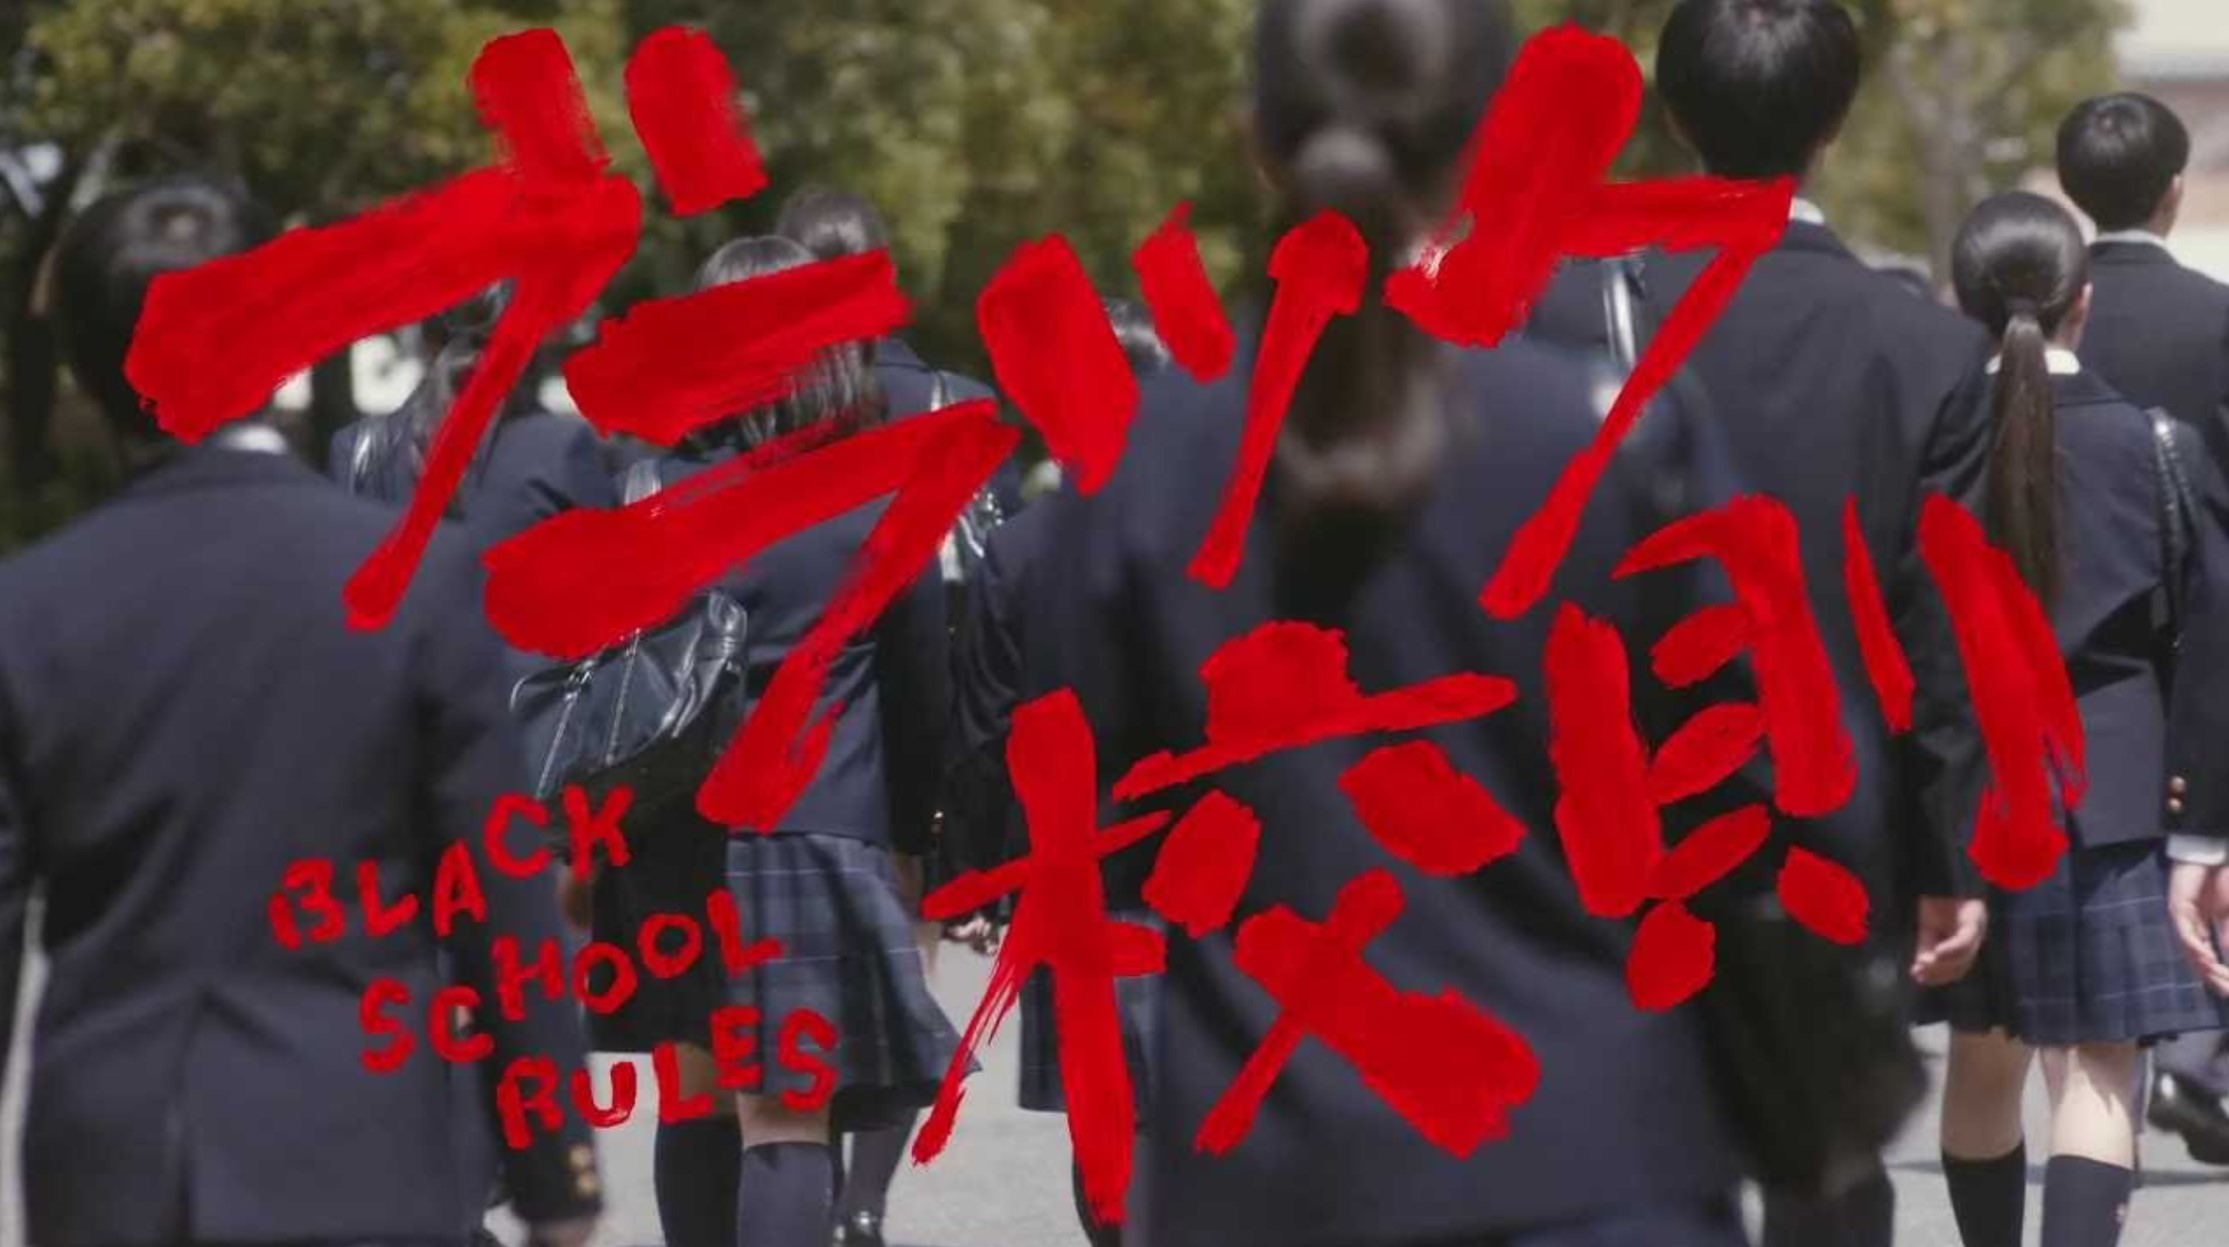 ブラック校則2話動画フルを無料で見逃し視聴する方法!再放送は?ドラマネタバレ感想レビューまとめ